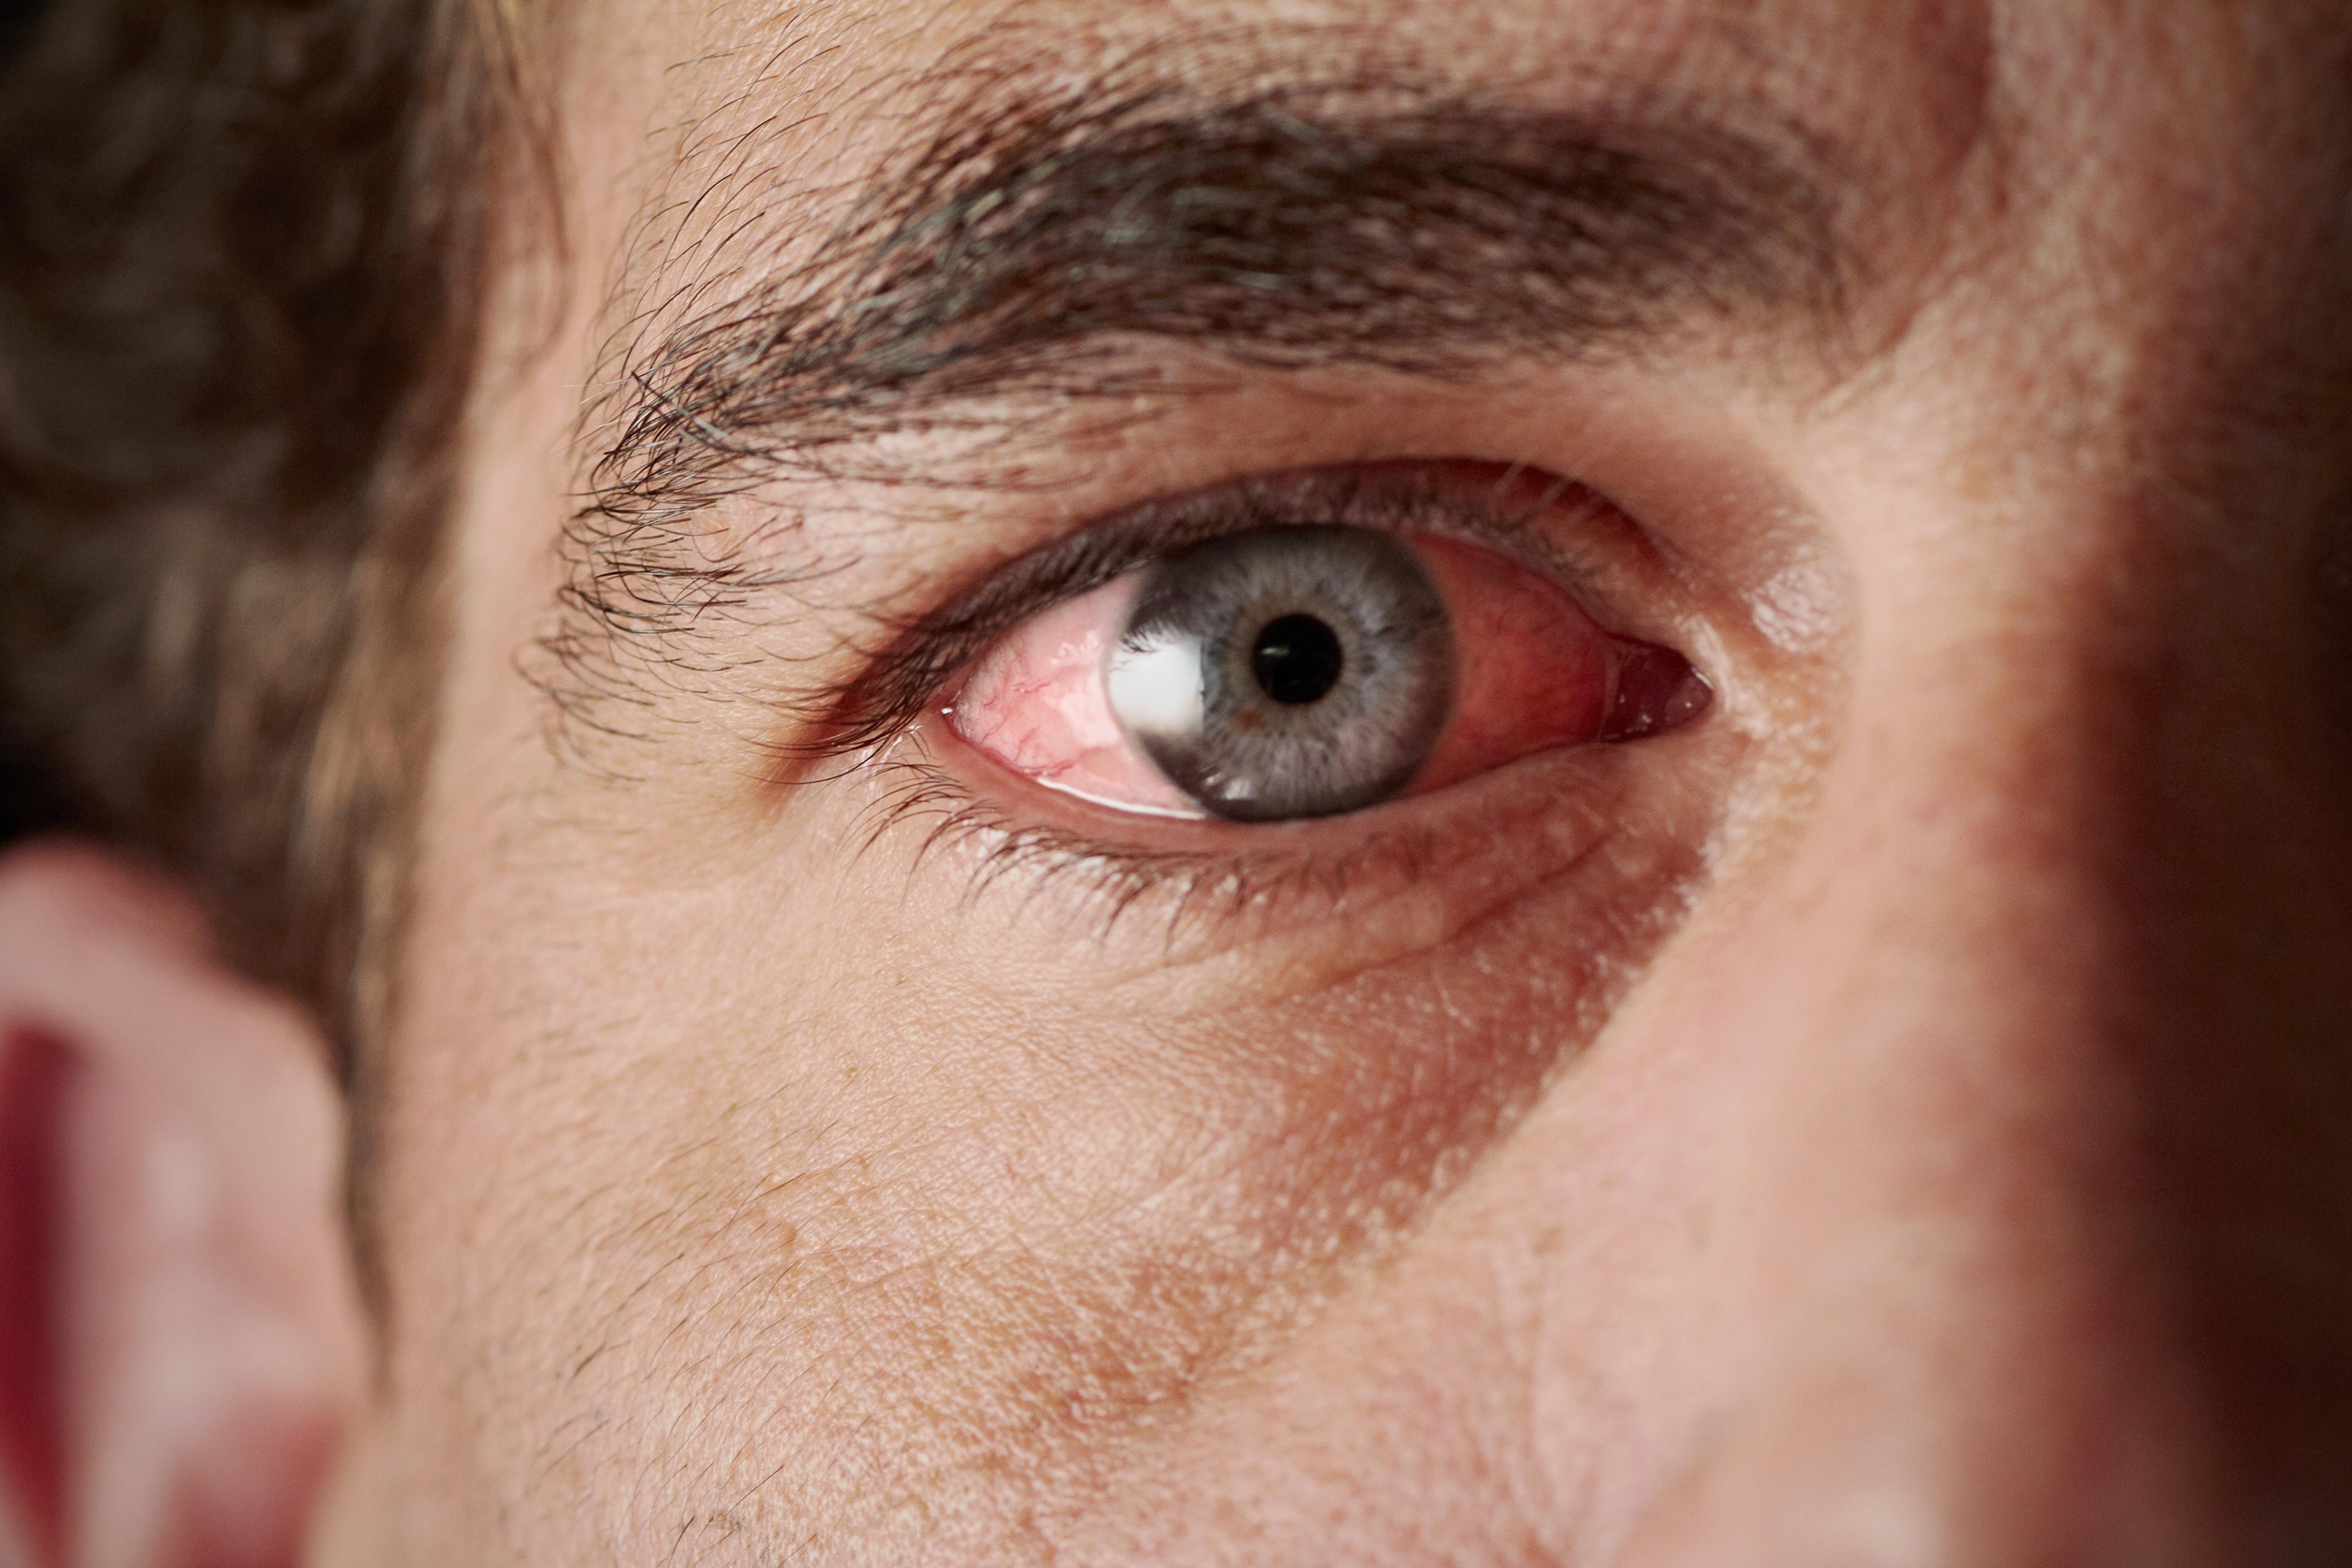 ha vörös foltok húzódnak le a szem alatt